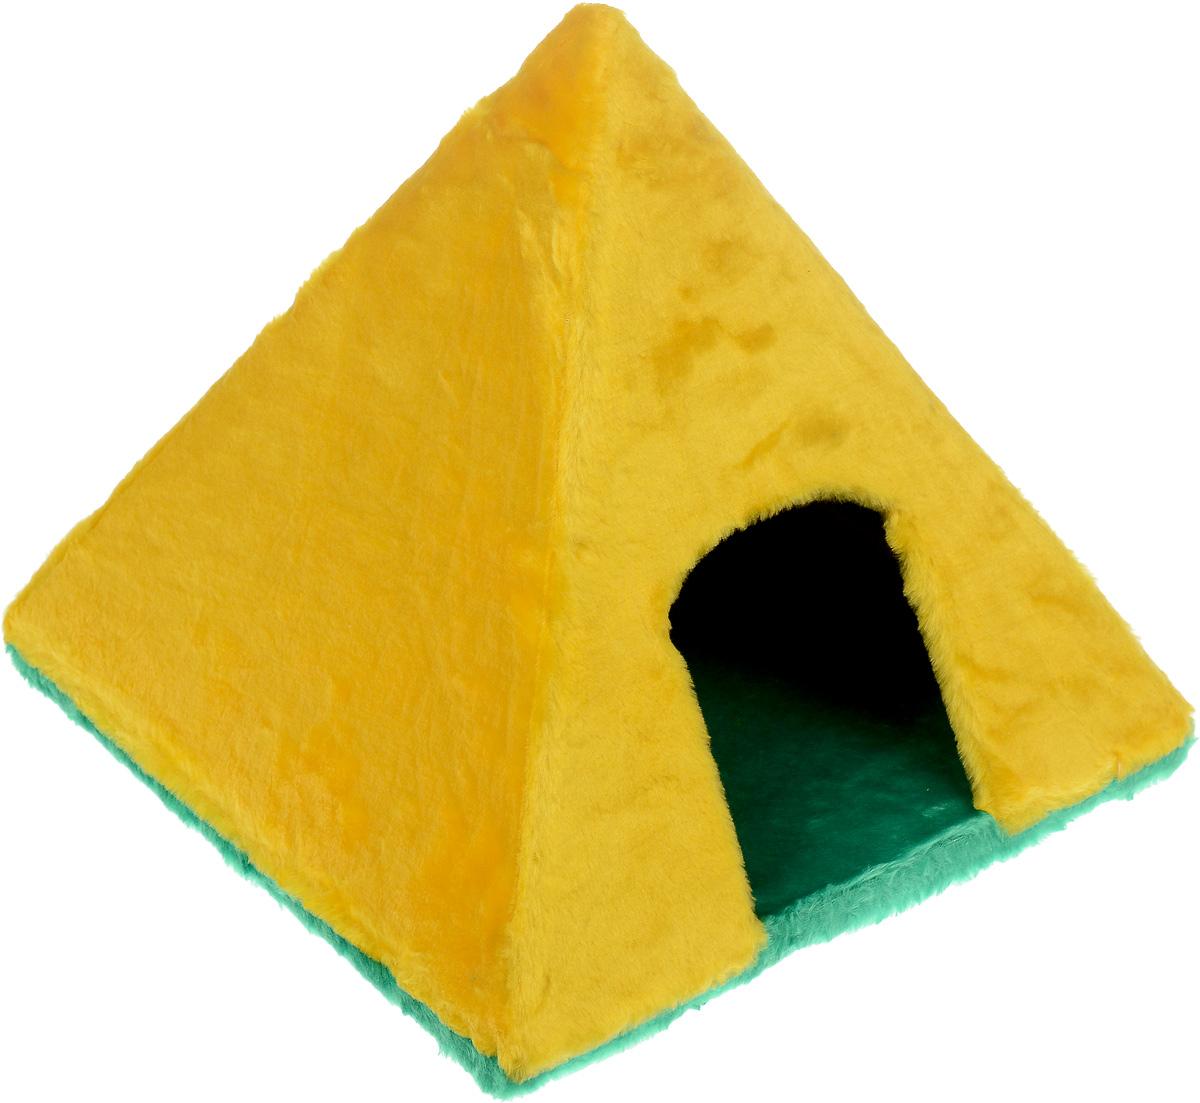 Домик для животных ЗооМарк Пирамидка, 41 х 41 х 37 смД-13Домик ЗооМарк Пирамидка непременно станет любимым местом отдыха вашего домашнего животного. Он изготовлен из высококачественного дерева и обтянут искусственным мехом. Домик выполнен в виде пирамиды, стоящей на траве. Оригинальный домик для животных - отличное место, чтобы спрятаться. Также там можно хранить свои охотничьи трофеи.